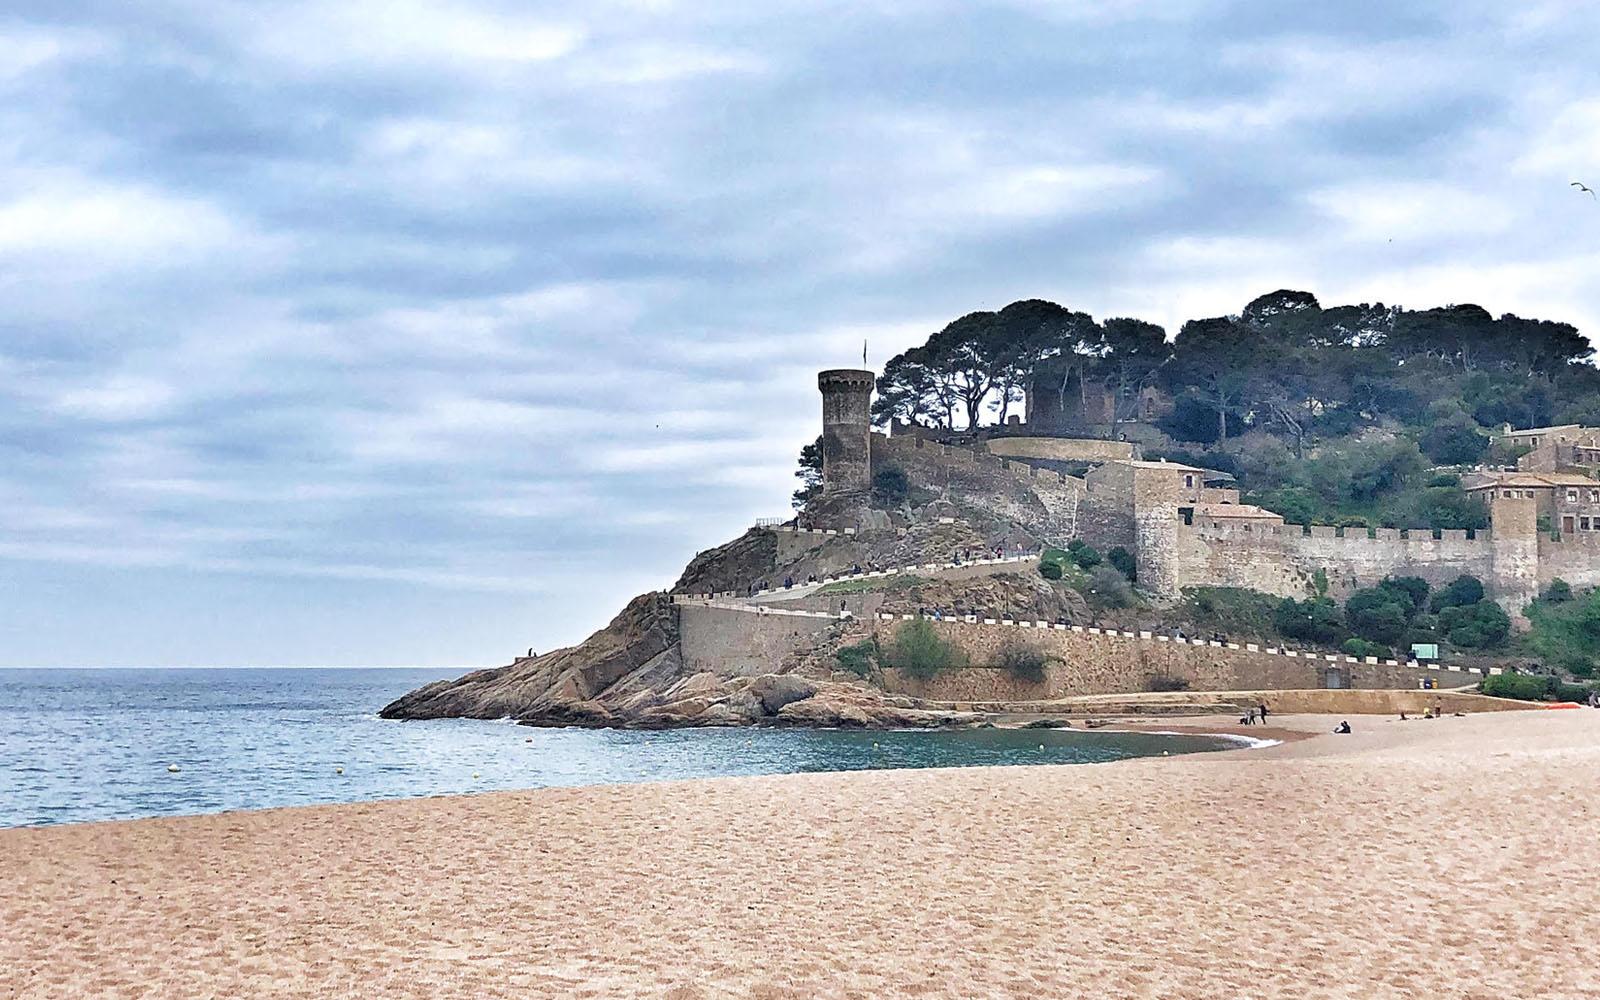 La città antica di Tossa de Mar, vista dalla spiaggia. © oltreilbalcone